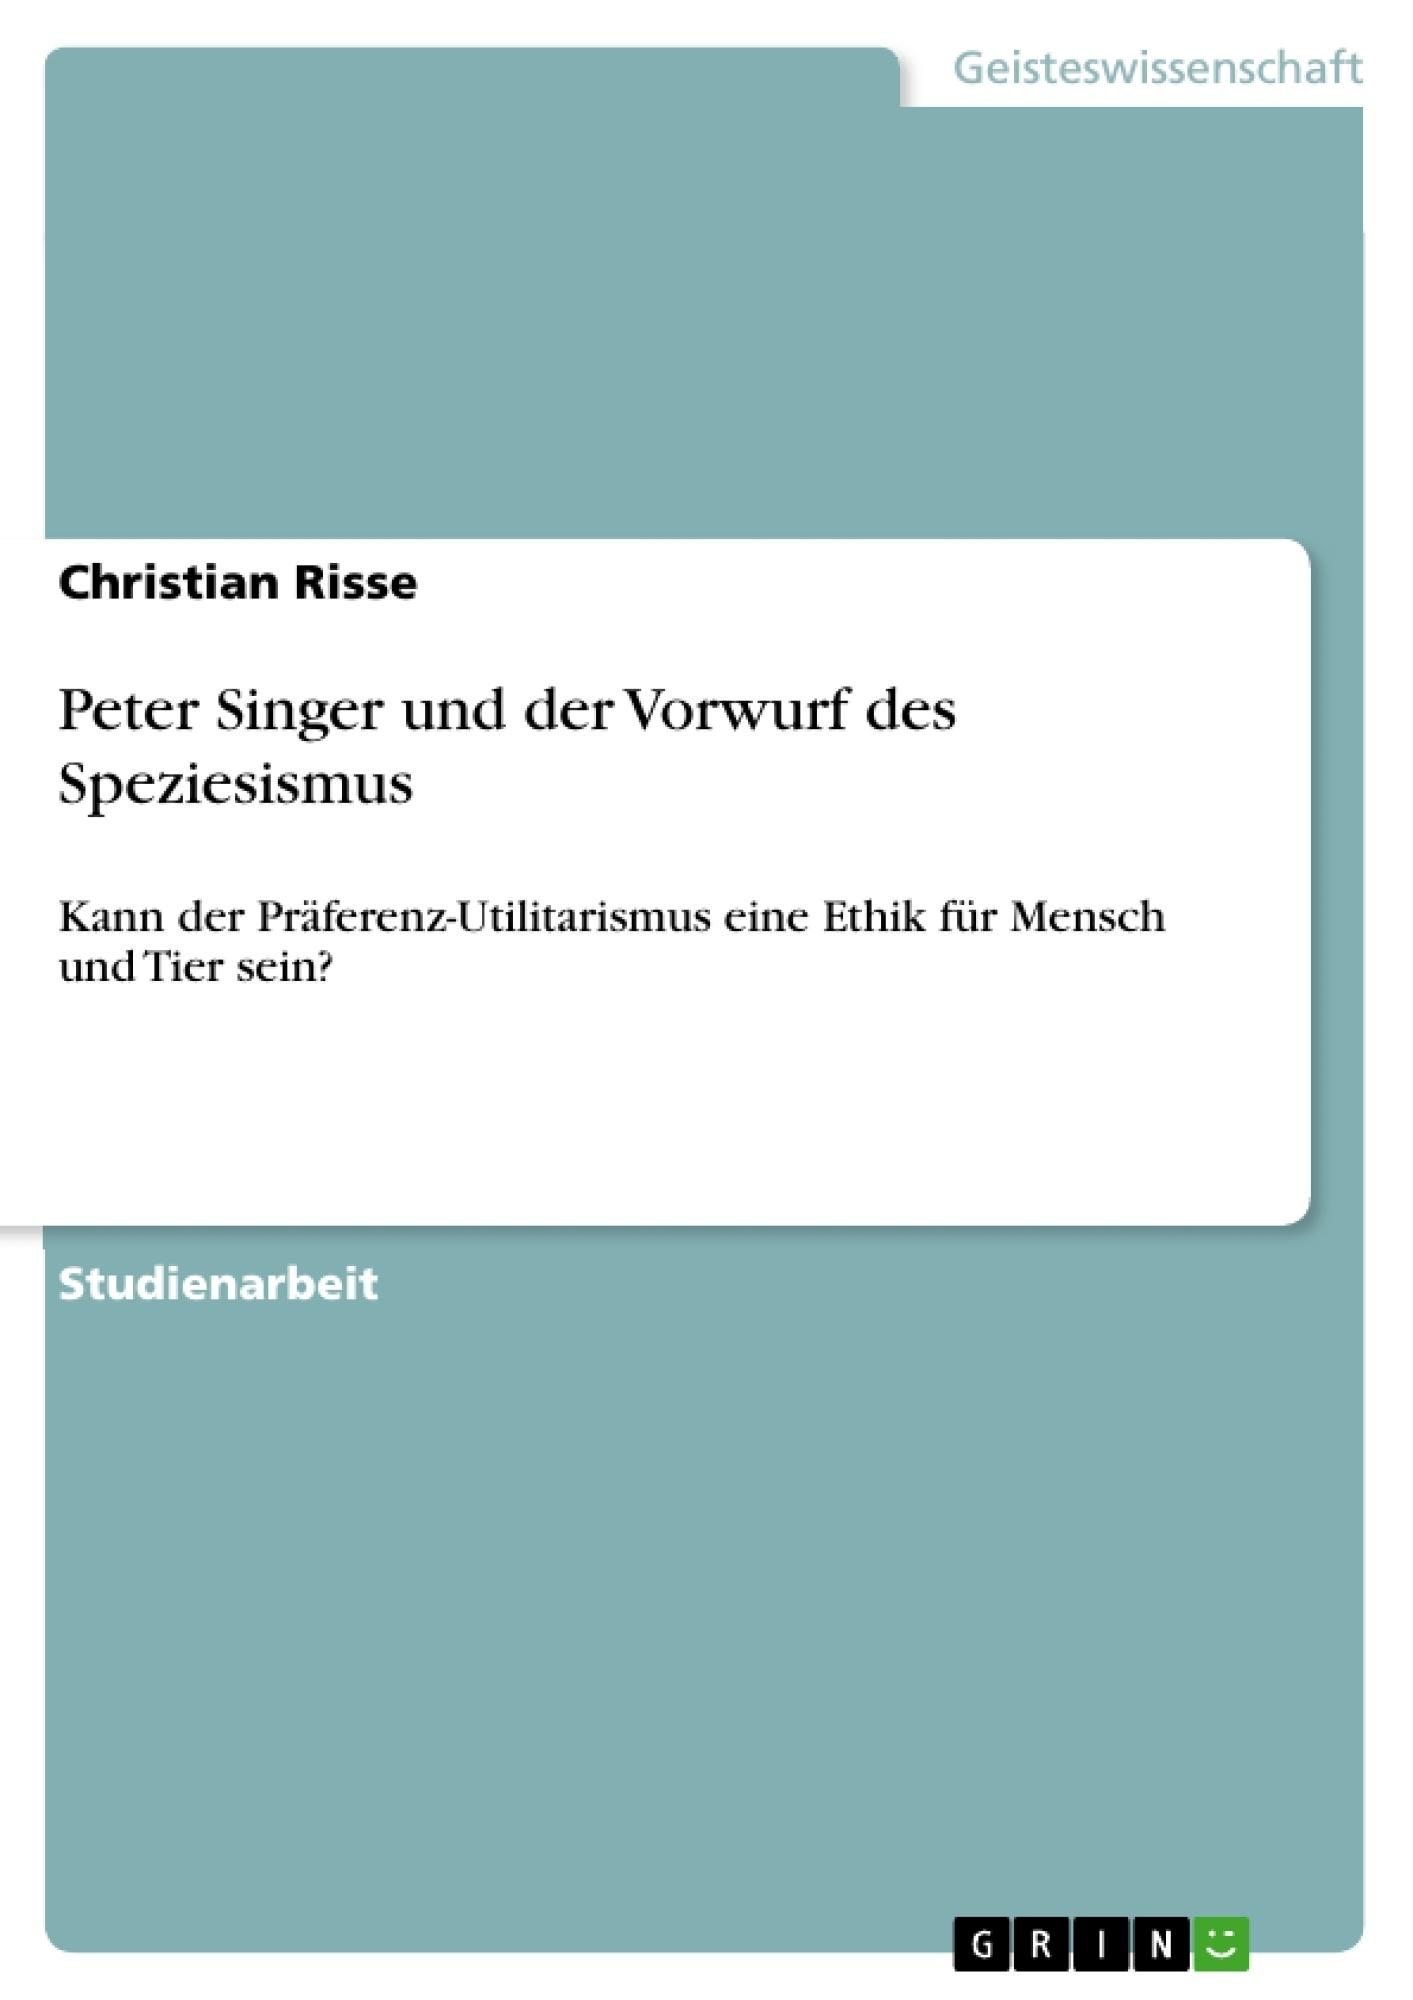 Titel: Peter Singer und der Vorwurf des Speziesismus